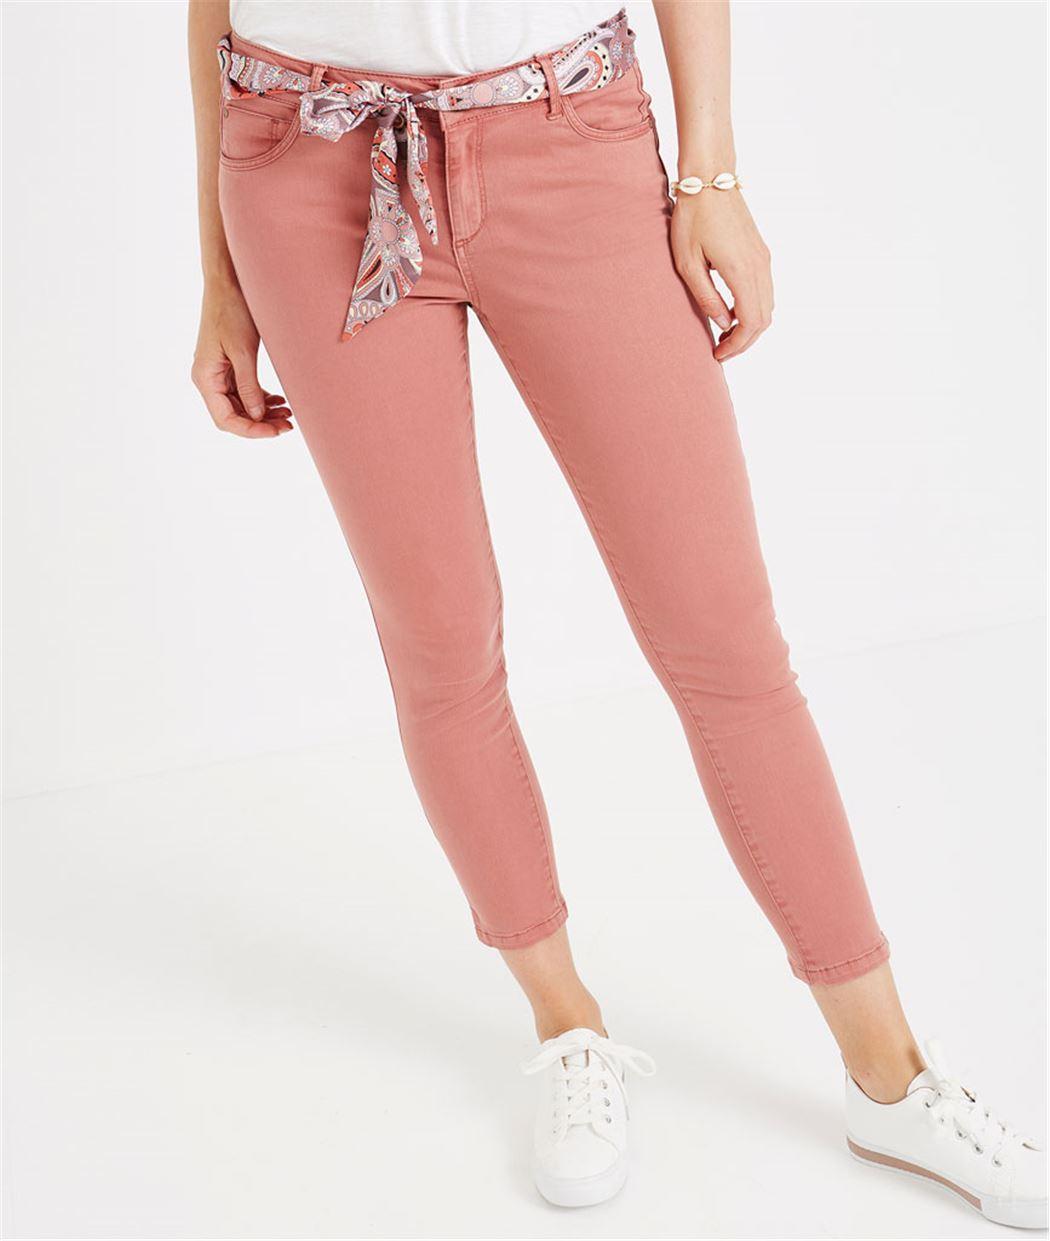 Pantalon 7/8ème de couleur avec ceinture BLUSH